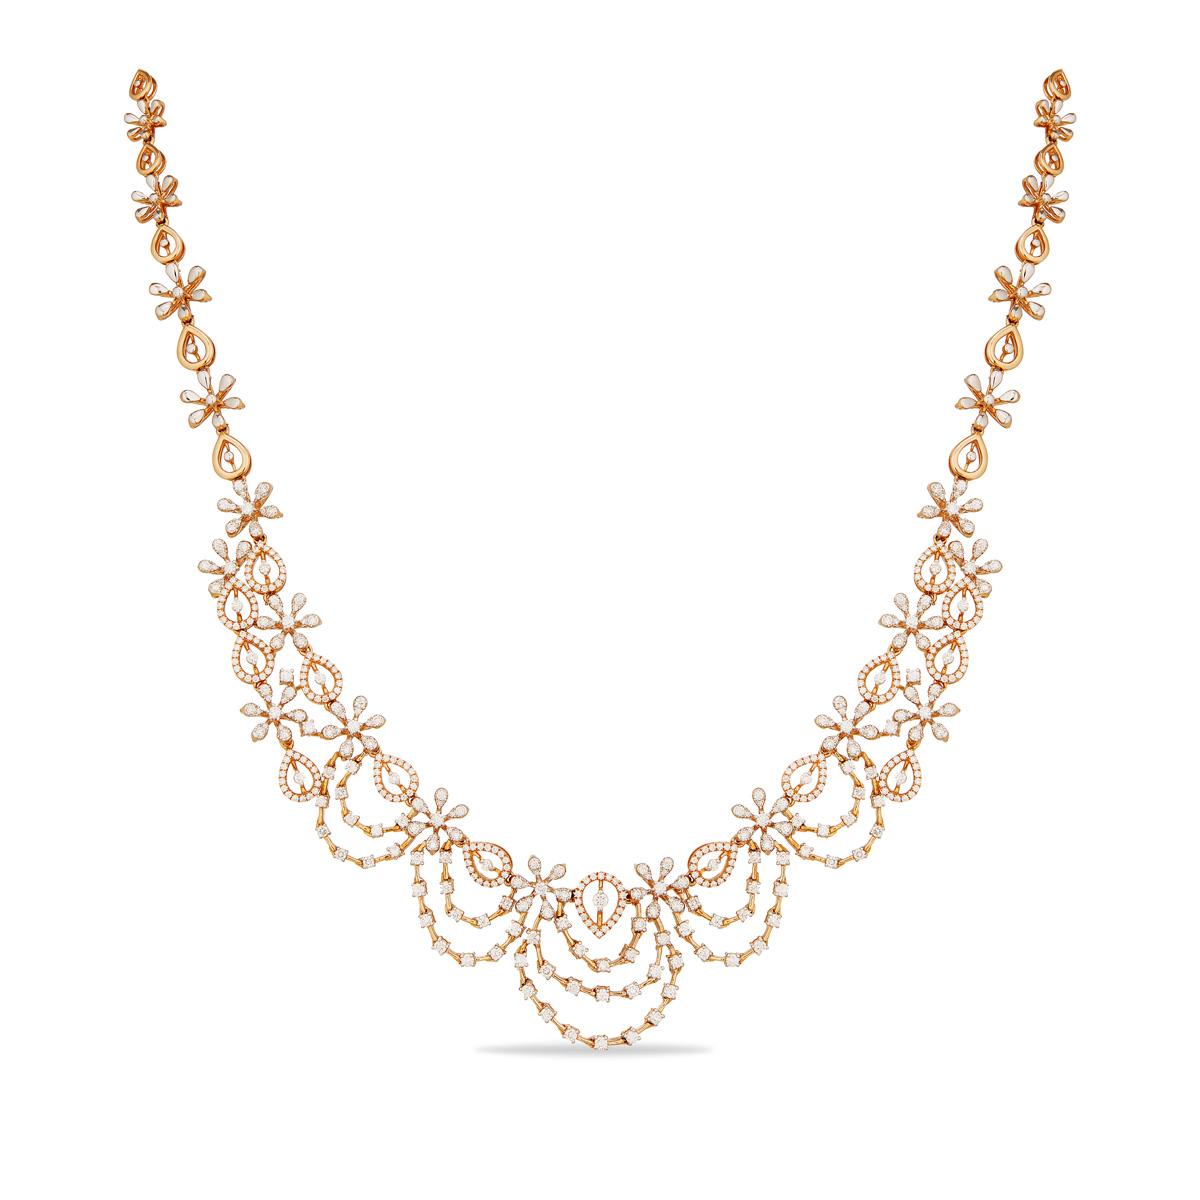 The Florintina Tulip Necklace